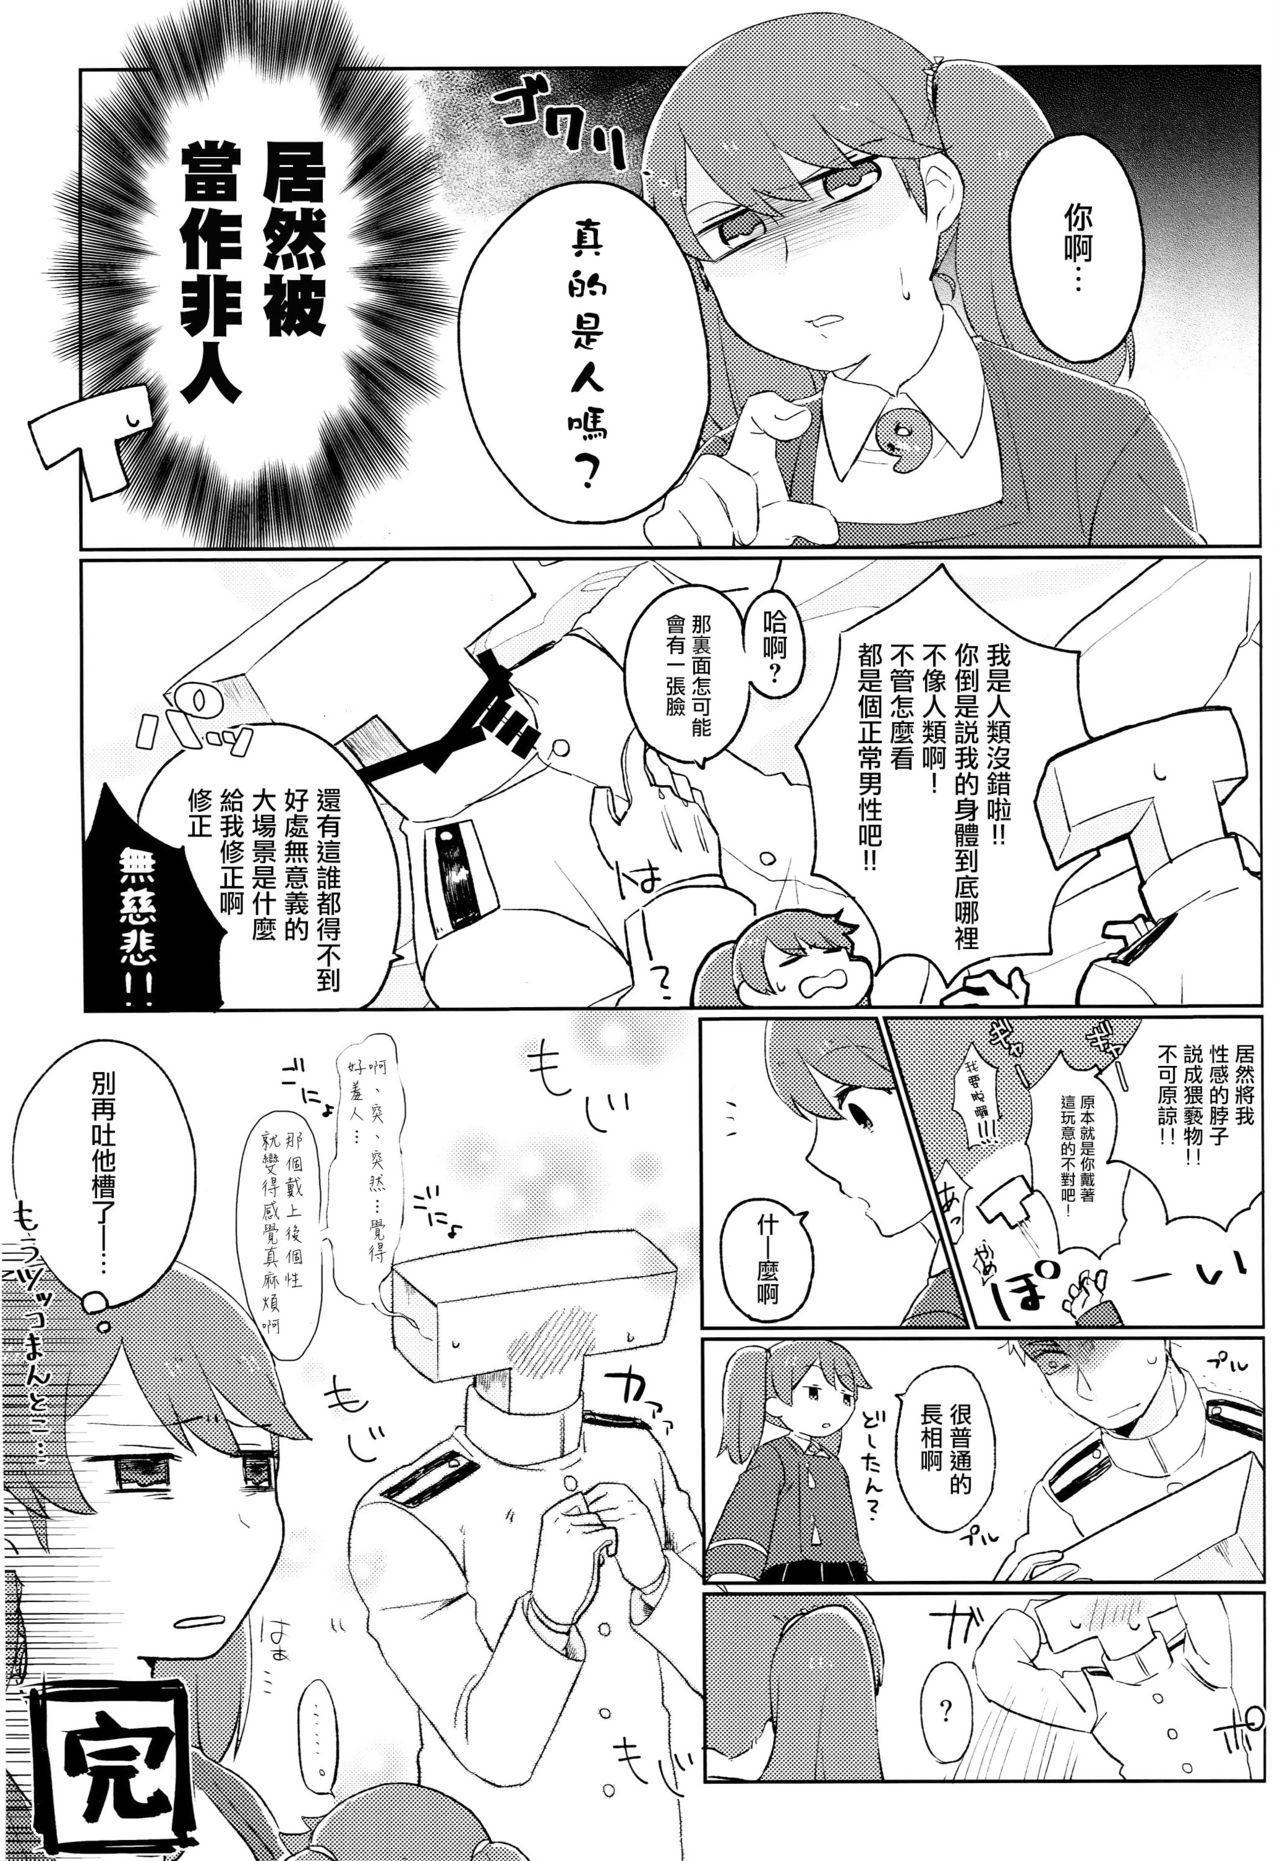 Umikaze, Ganbarimasu! 31